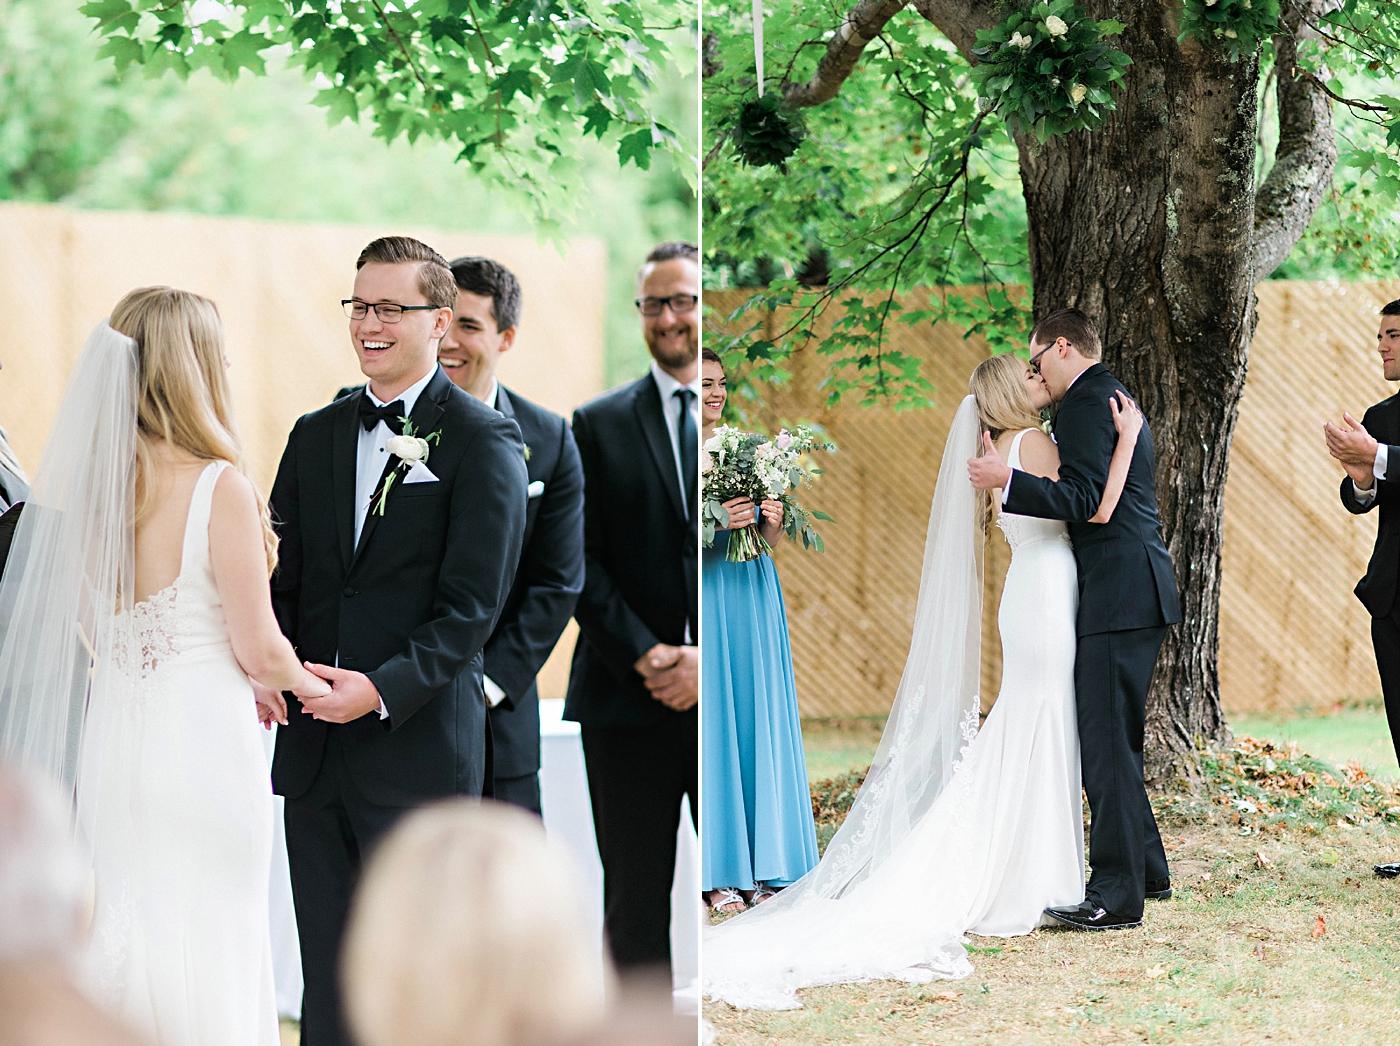 Halifax-Wedding-Photographer-New Brunswick Wedding- Nicolle & Ethan41.jpeg